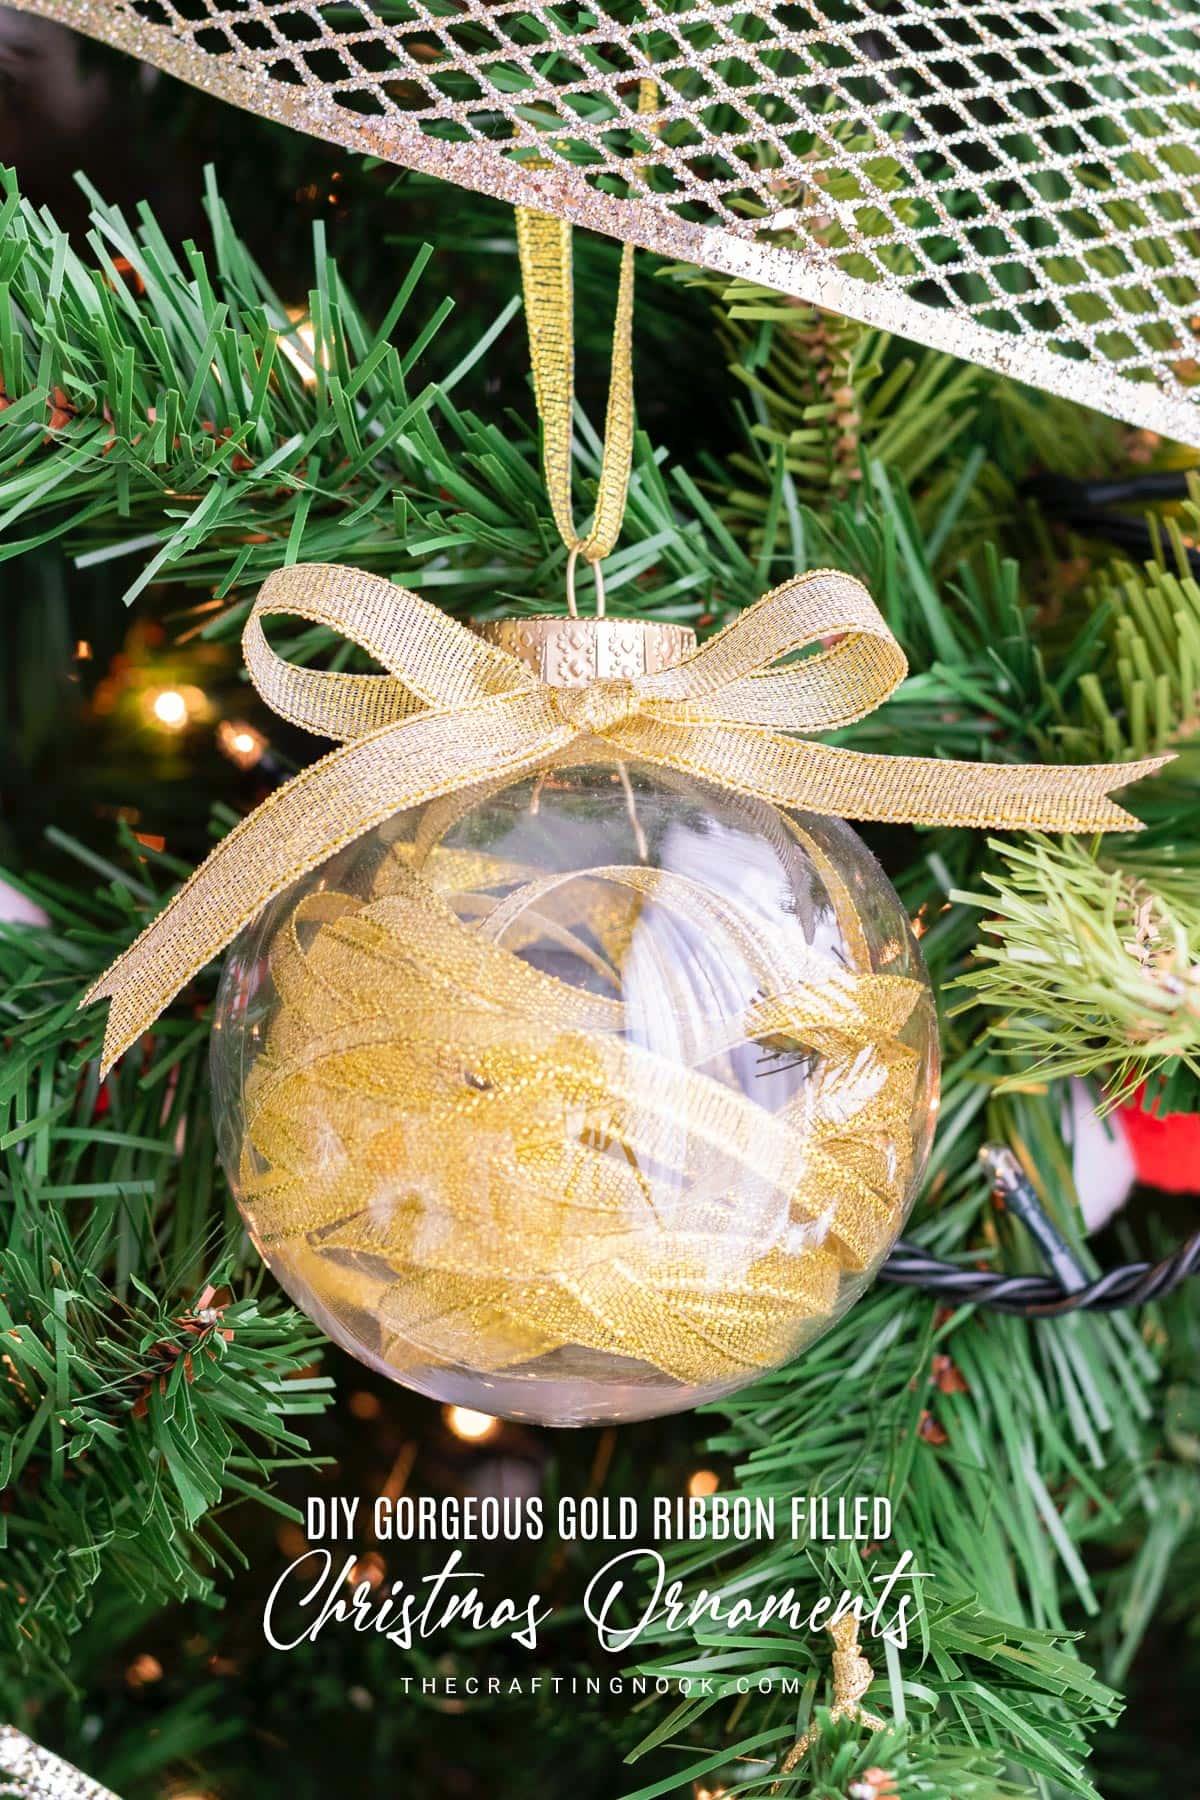 DIY Gold Ribbon Filled Christmas Ornaments